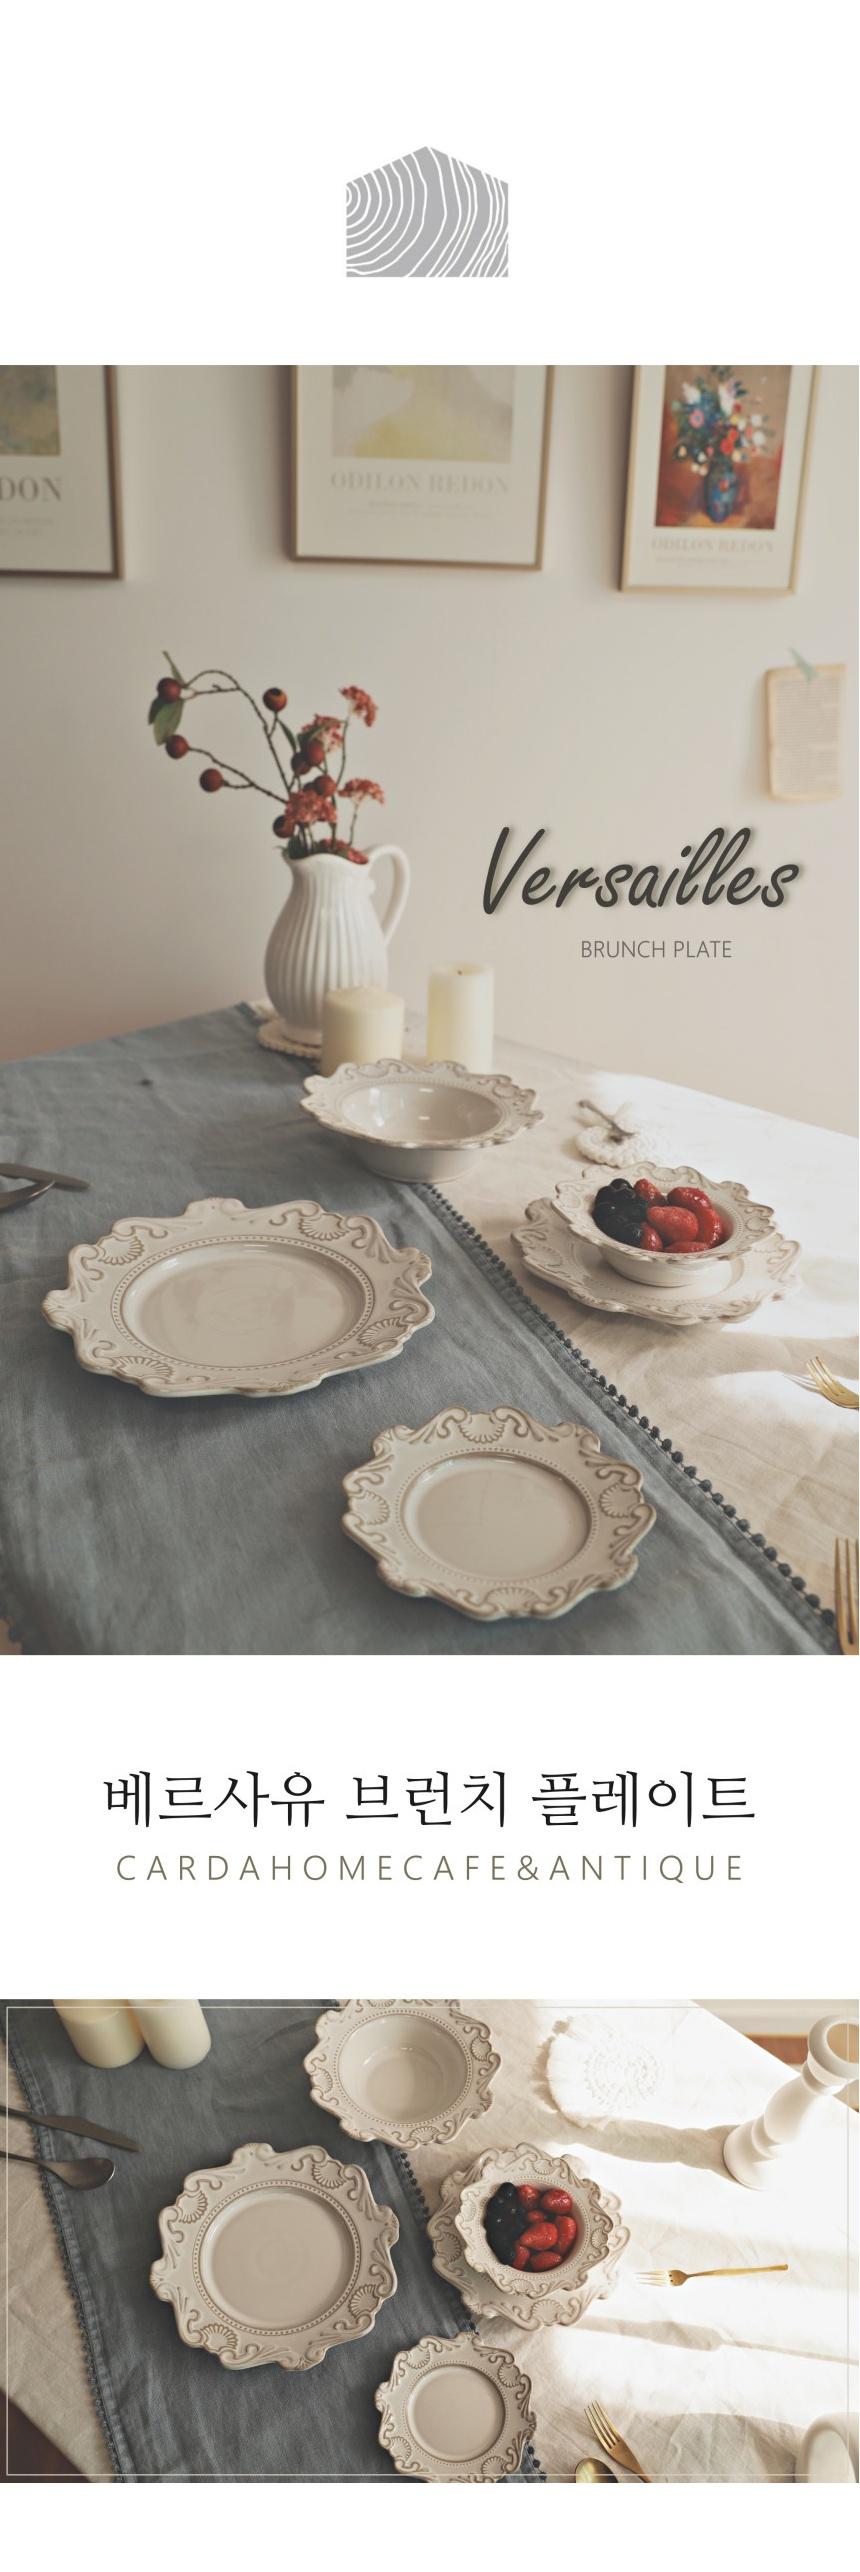 versarilles_plate_01.jpg